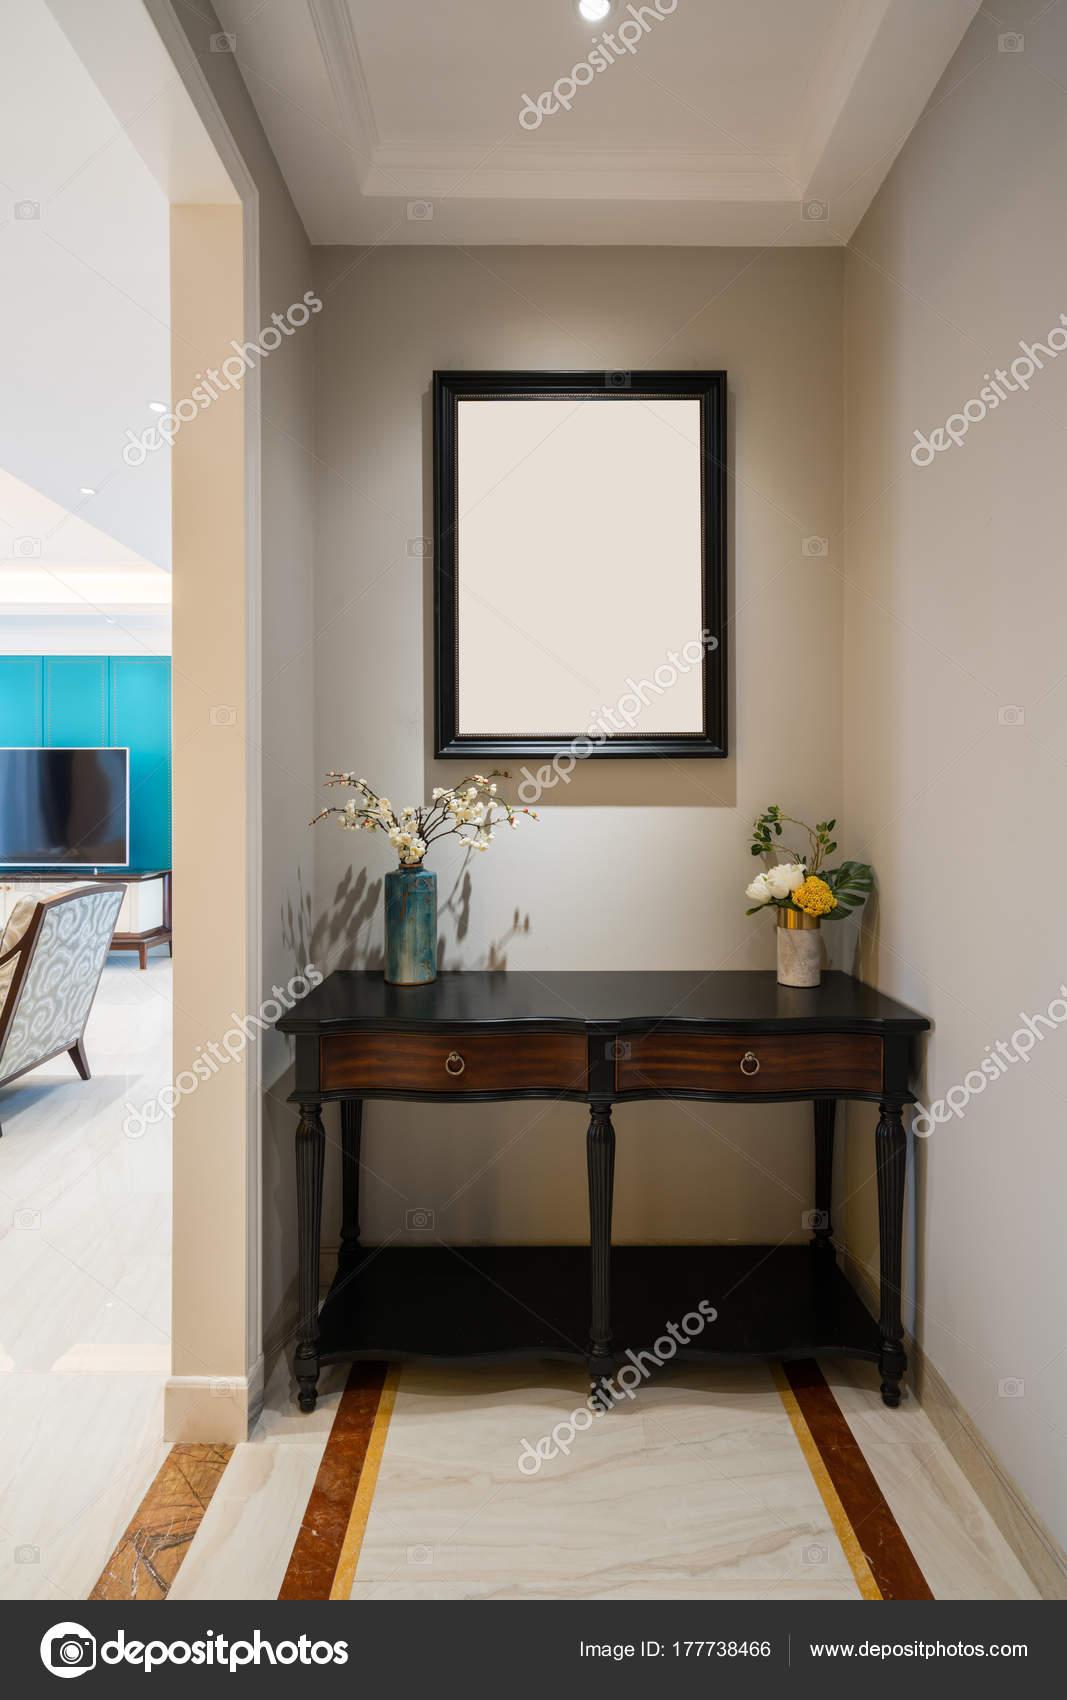 schönes Haus innen — Stockfoto © roseburn3djob #177738466